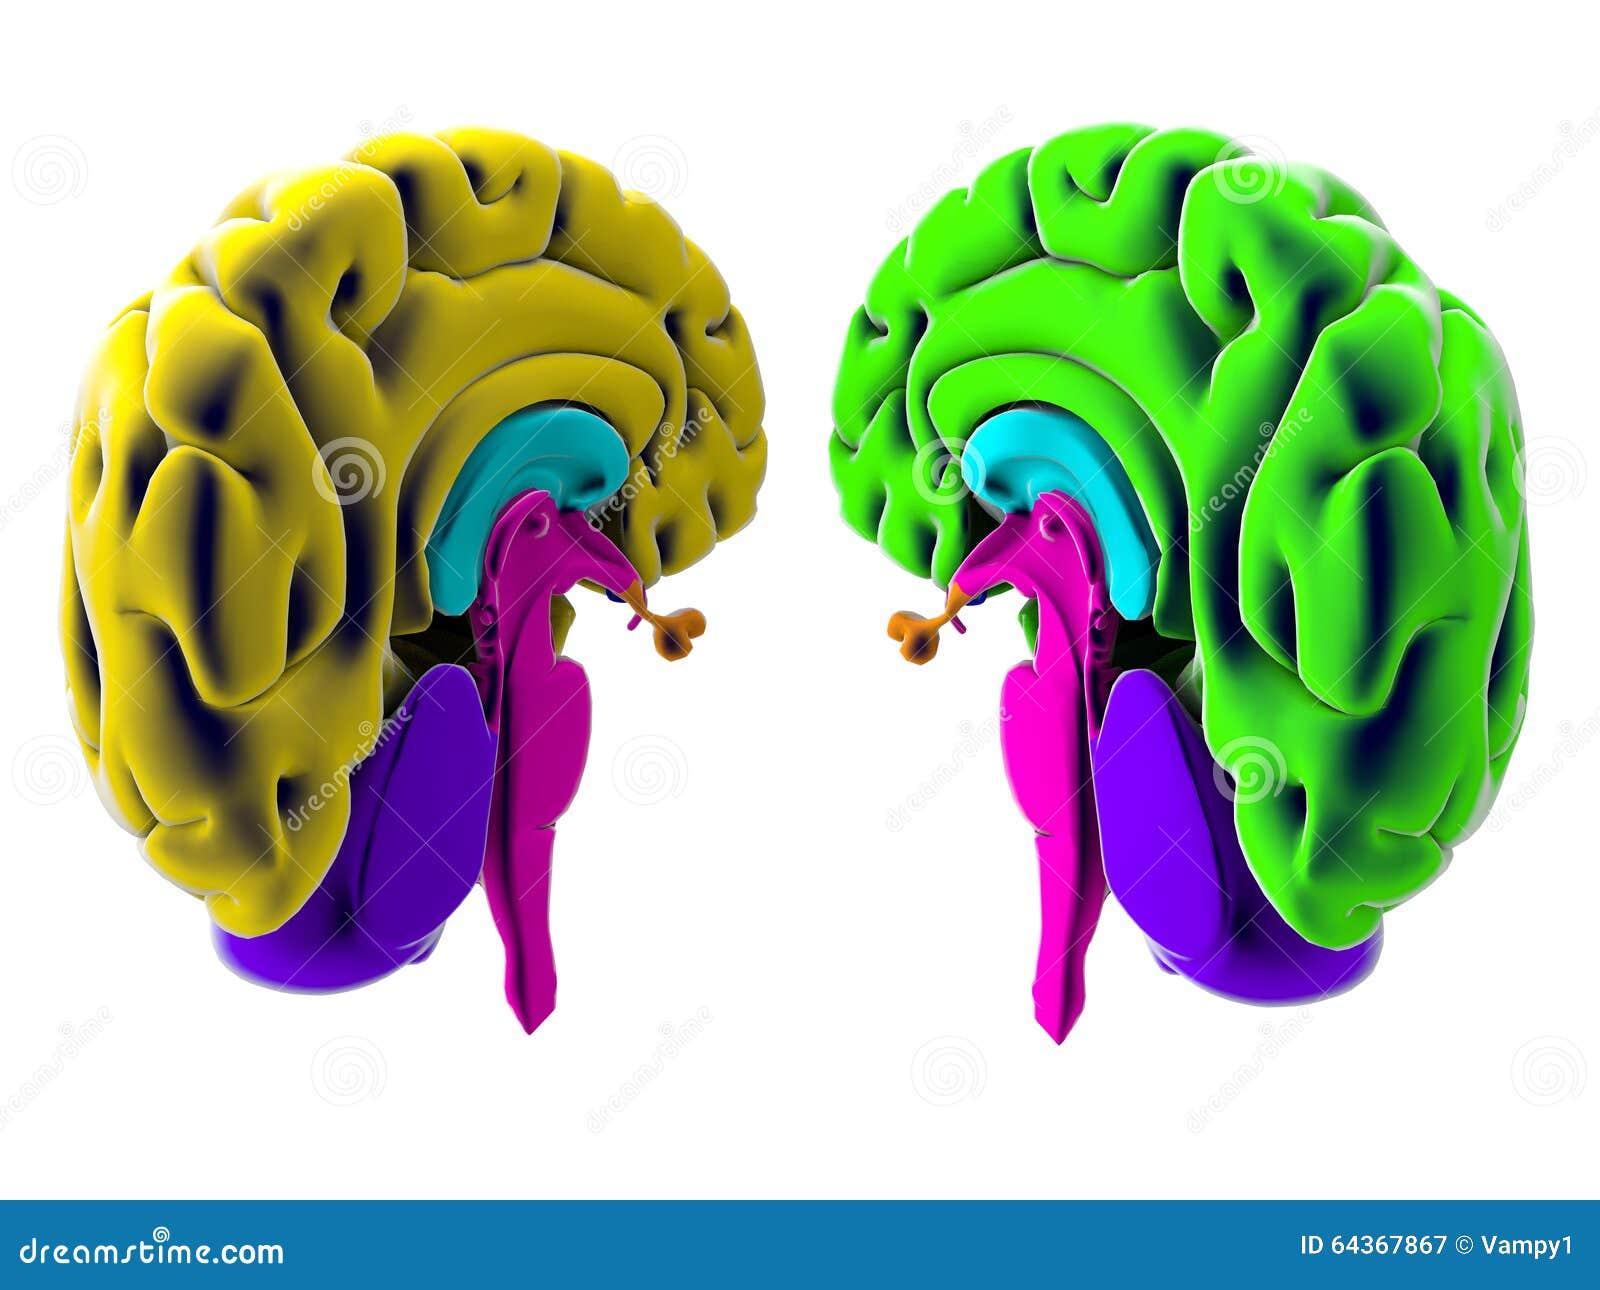 Cerebro, Sección, División, Cortando Piezas, Estudio De La Anatomía ...